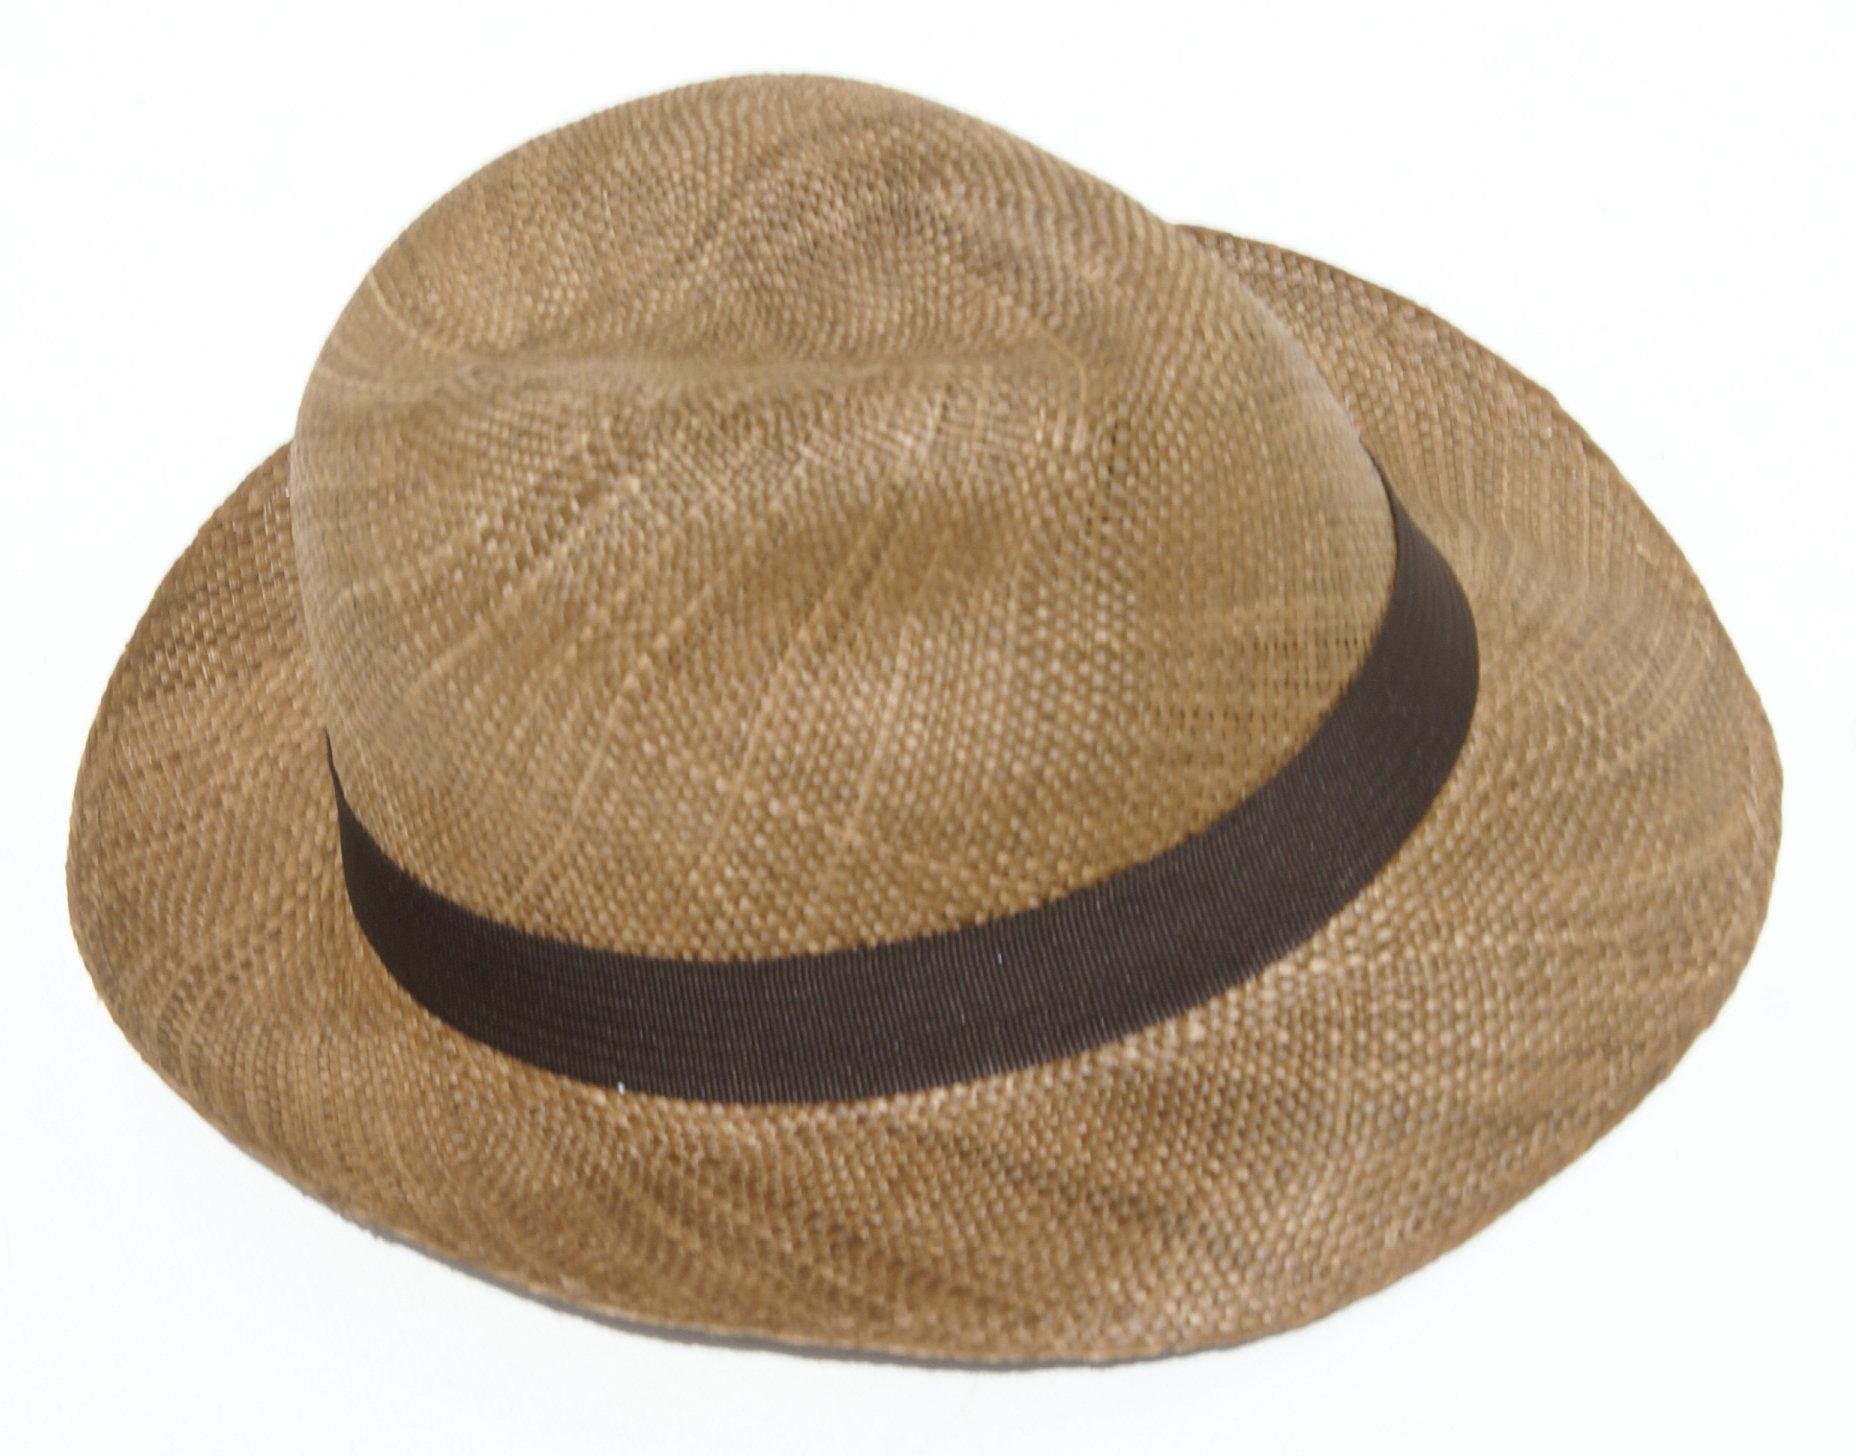 d9dffd3aa47d8 Sombrero color cafe de paja toquilla